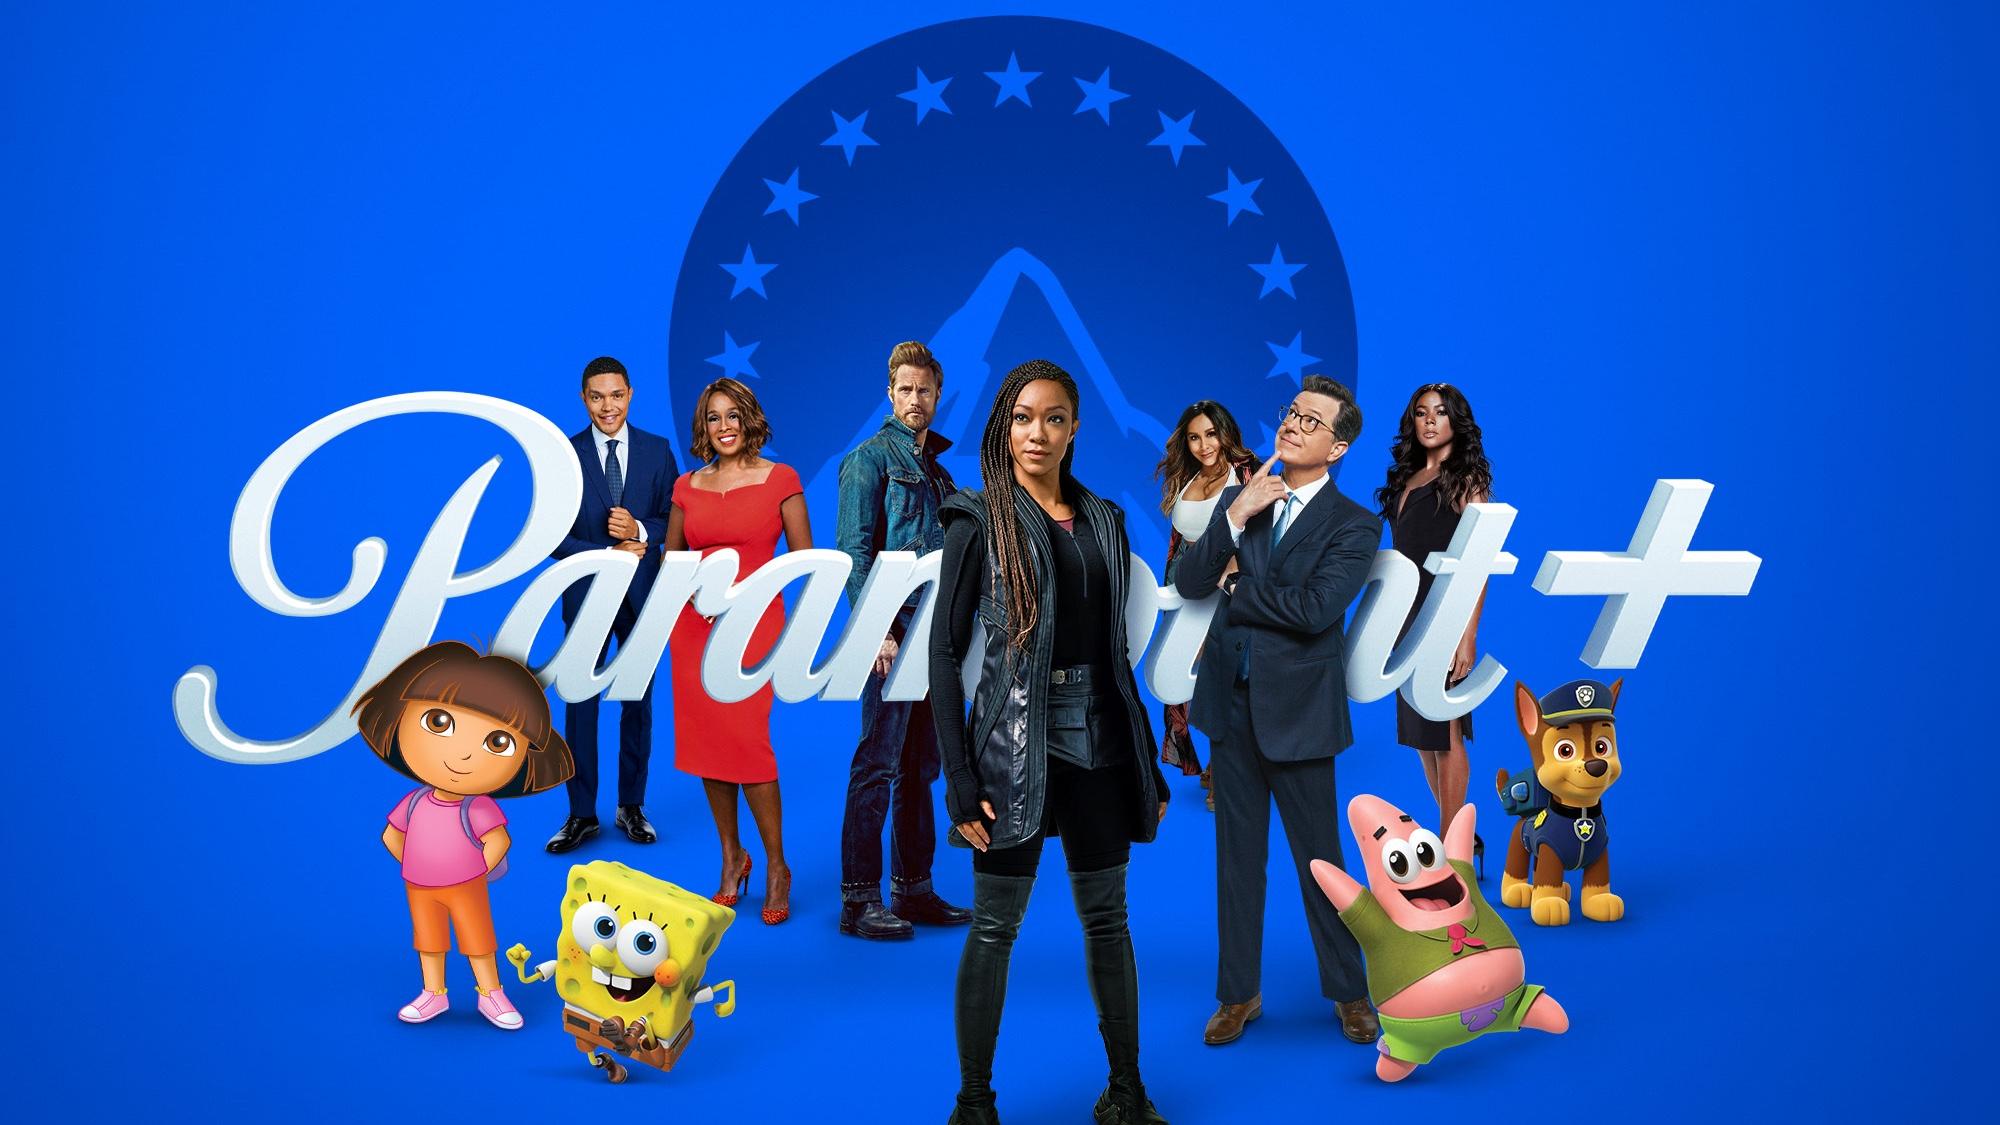 Paramount Plus has ads too